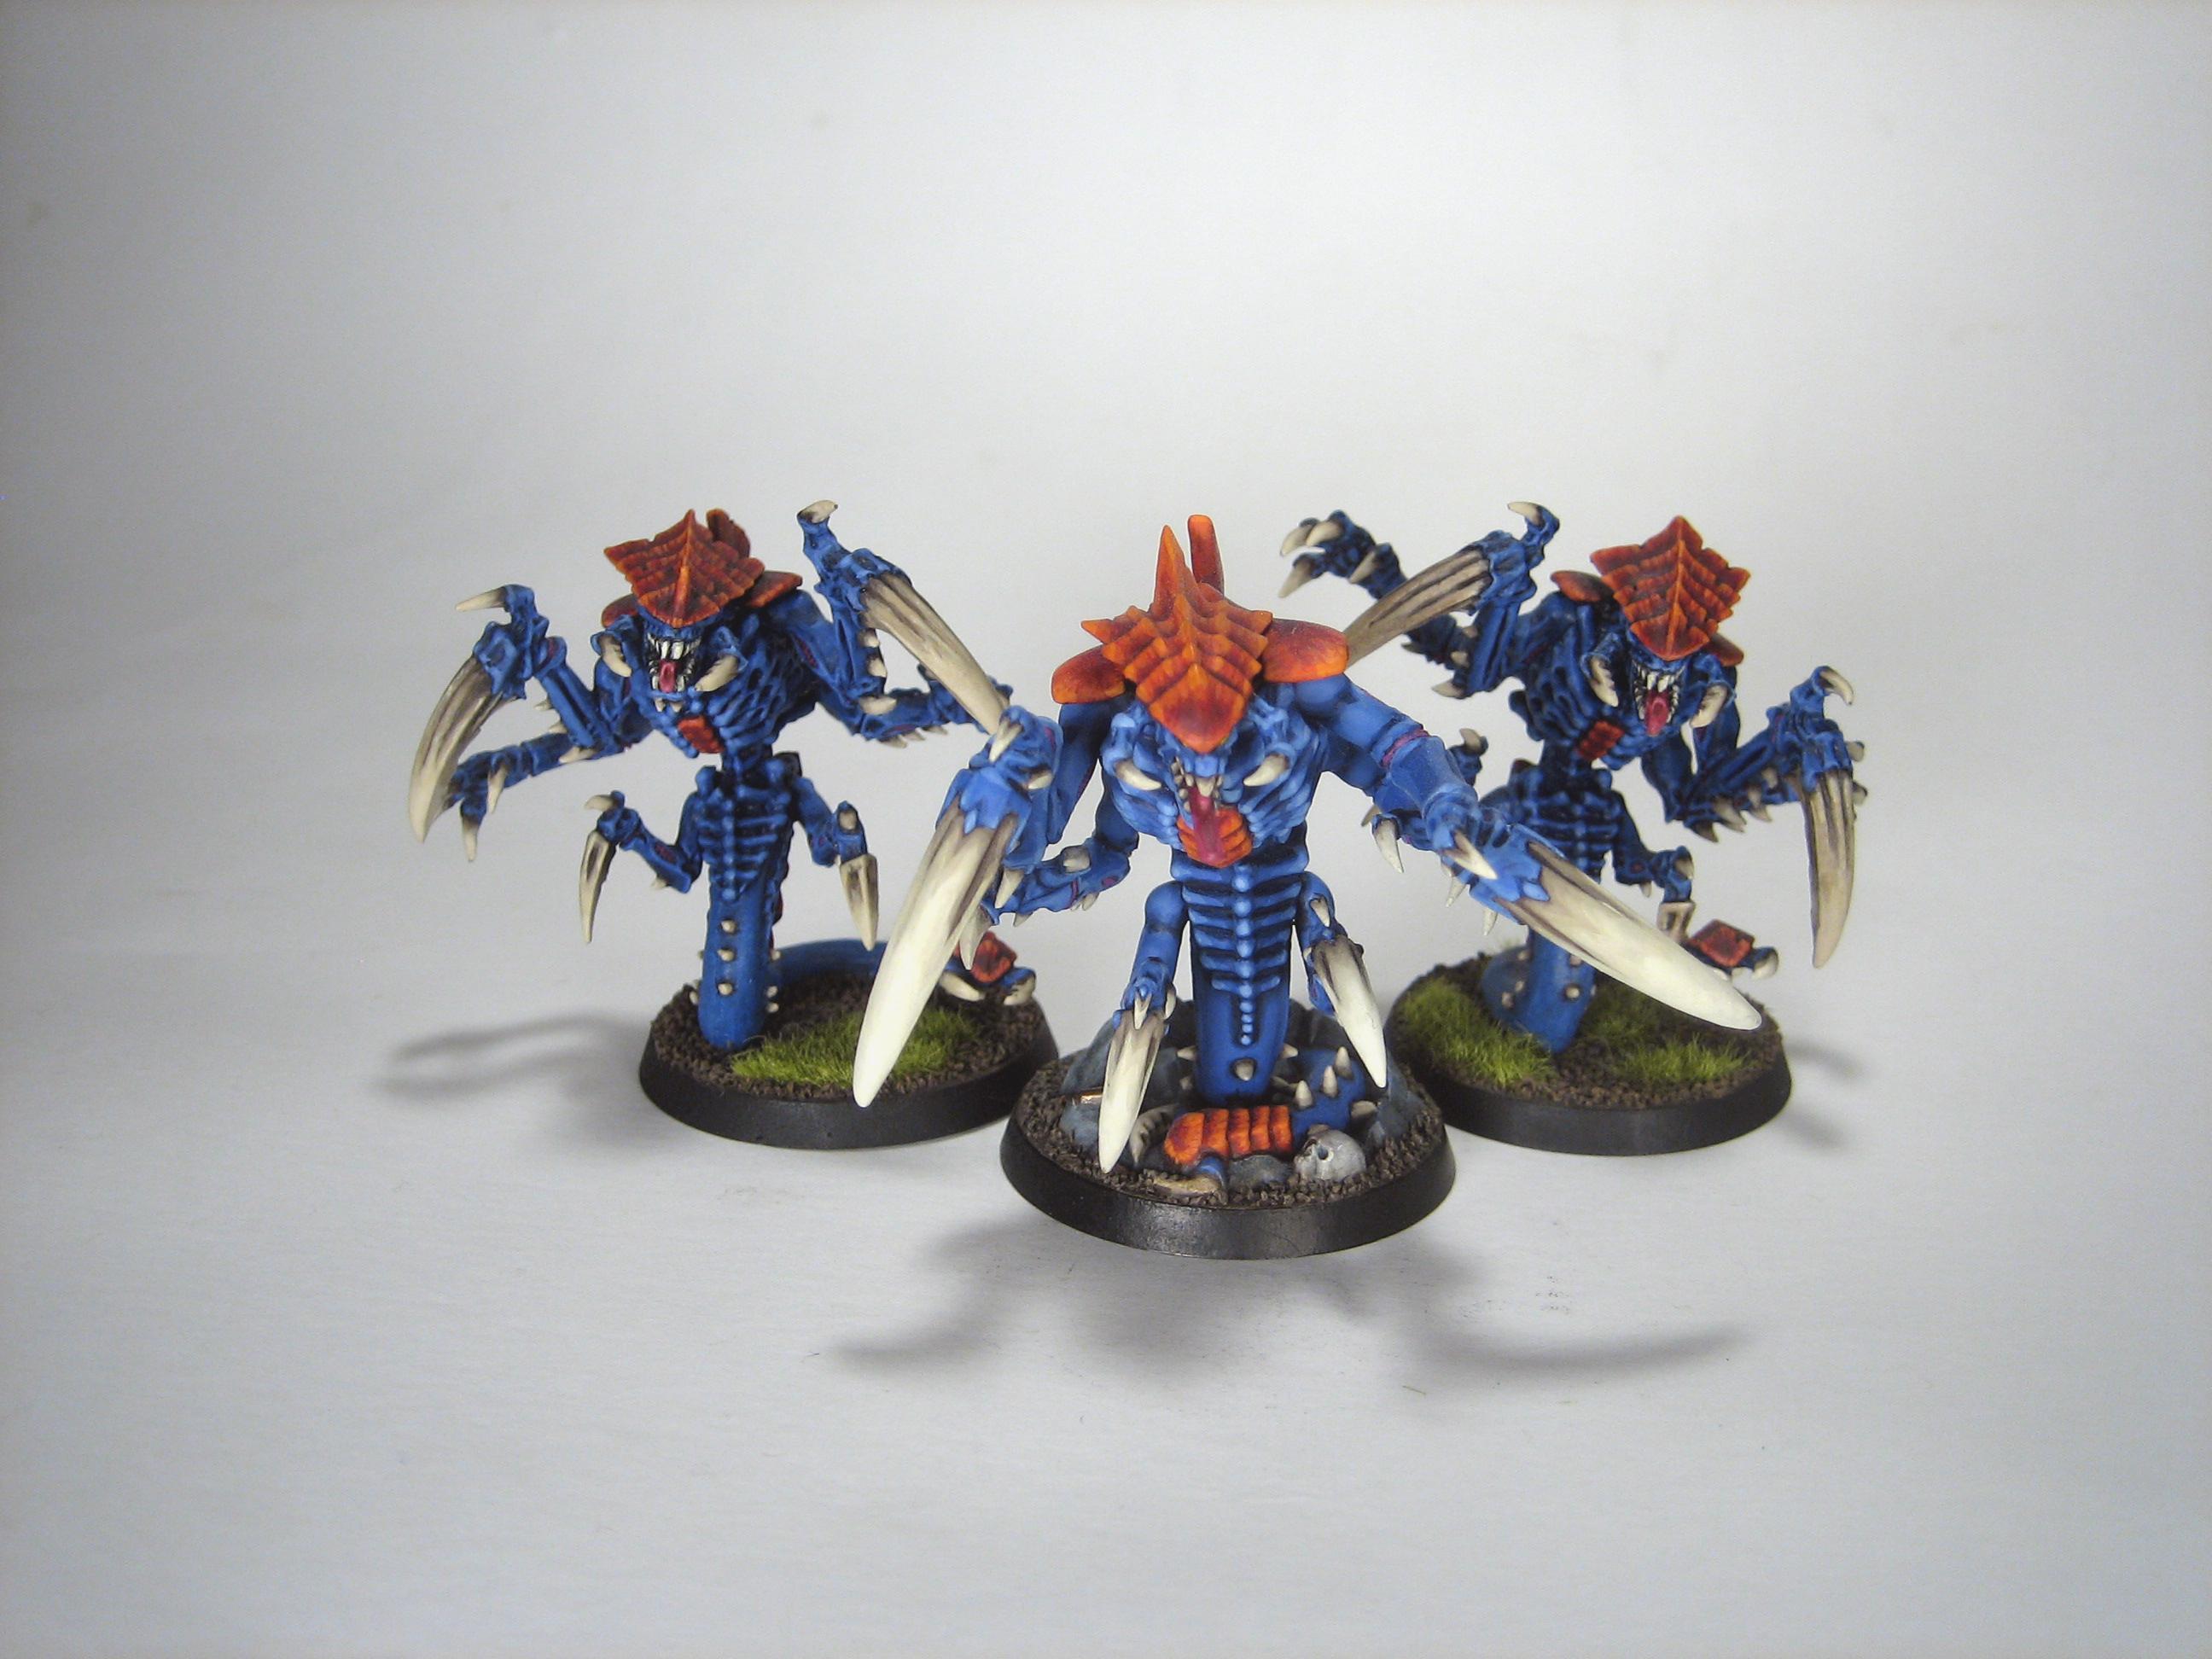 Orange, Ravener, Tyranids, Warhammer 40,000